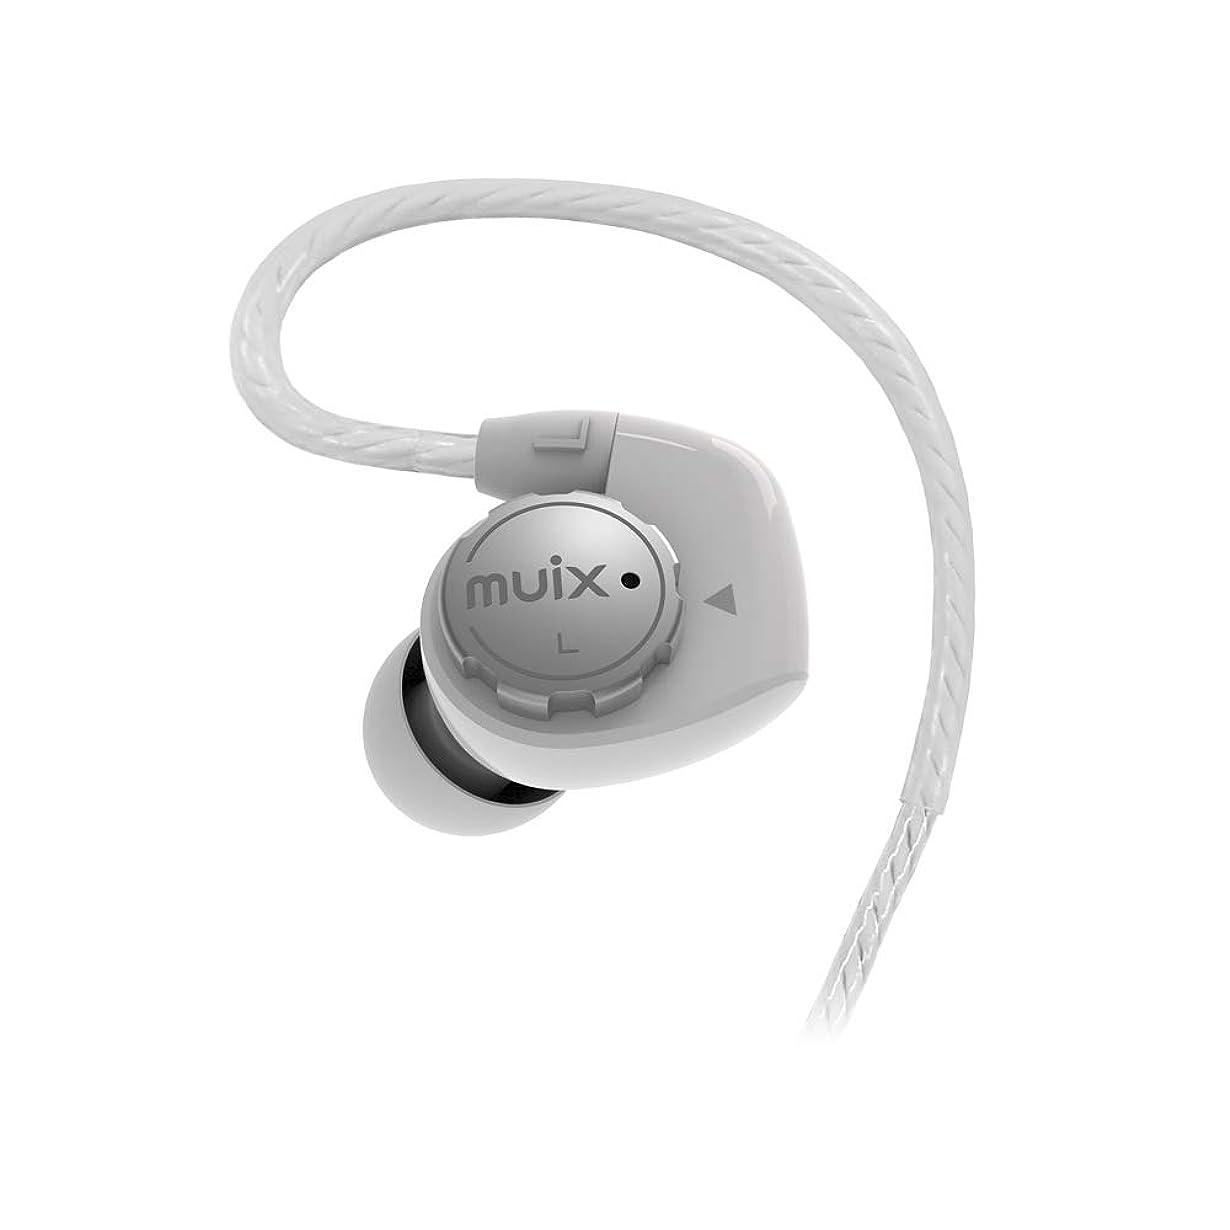 現在りんご郵便【 国内正規品 】 MUIX Hi-Fi デュアルサウンド インイヤー イヤホン IX1000HE ホワイト IX1000HE-WH